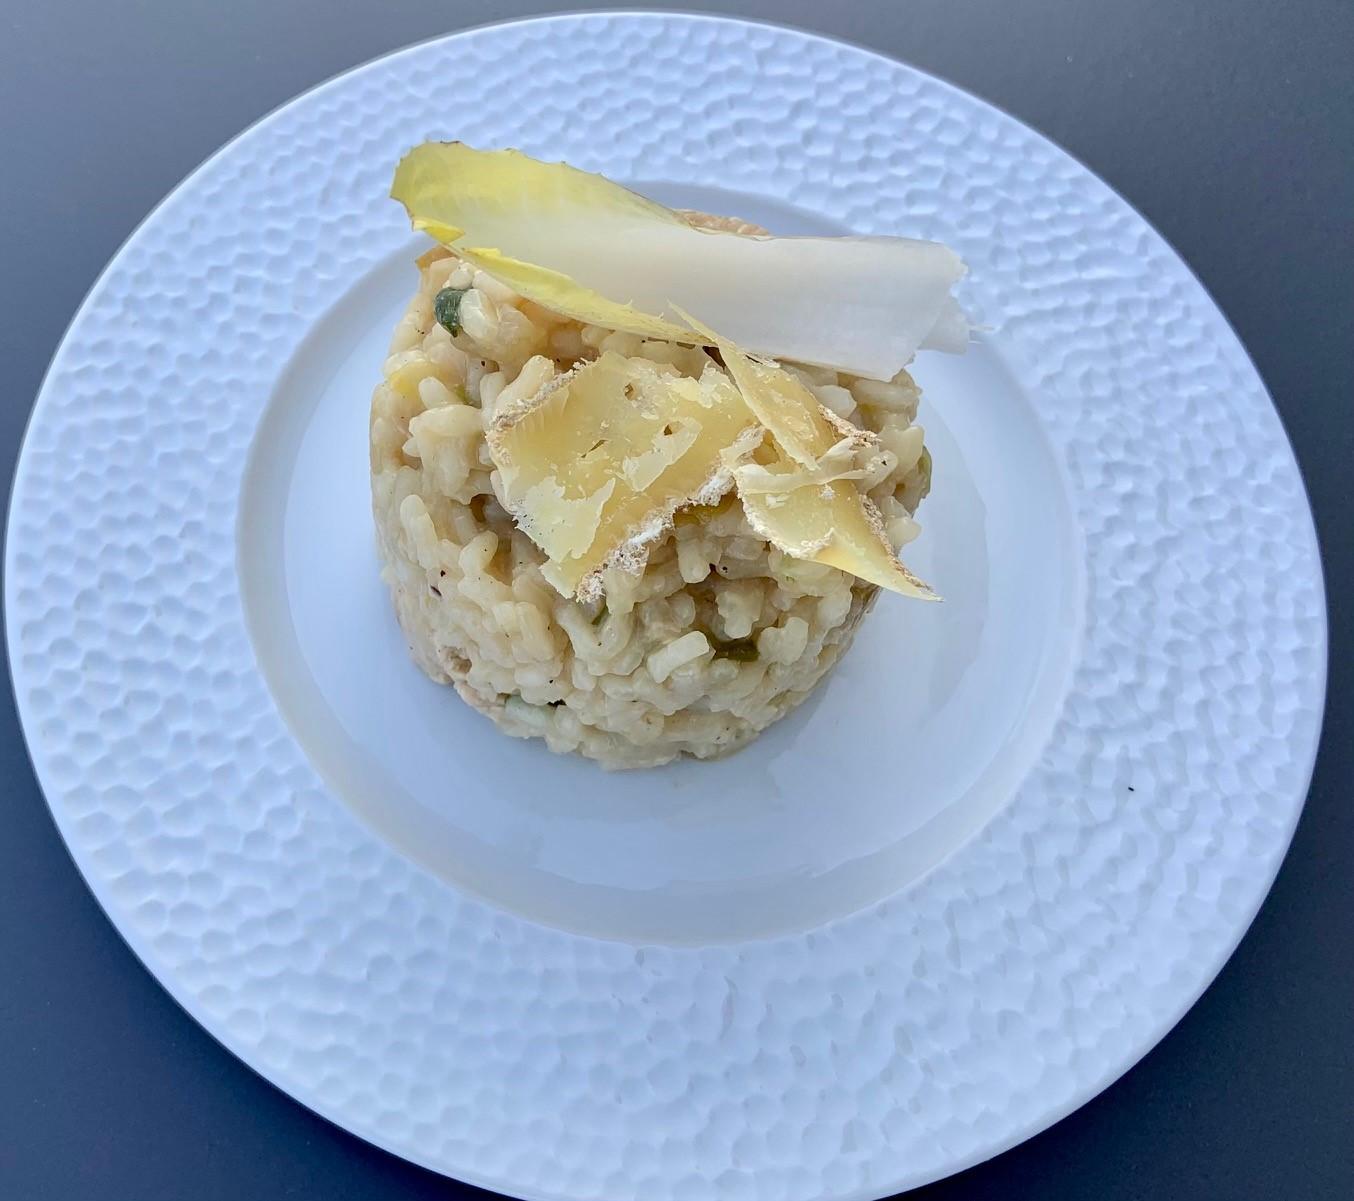 asperge sauce mousseline au citron